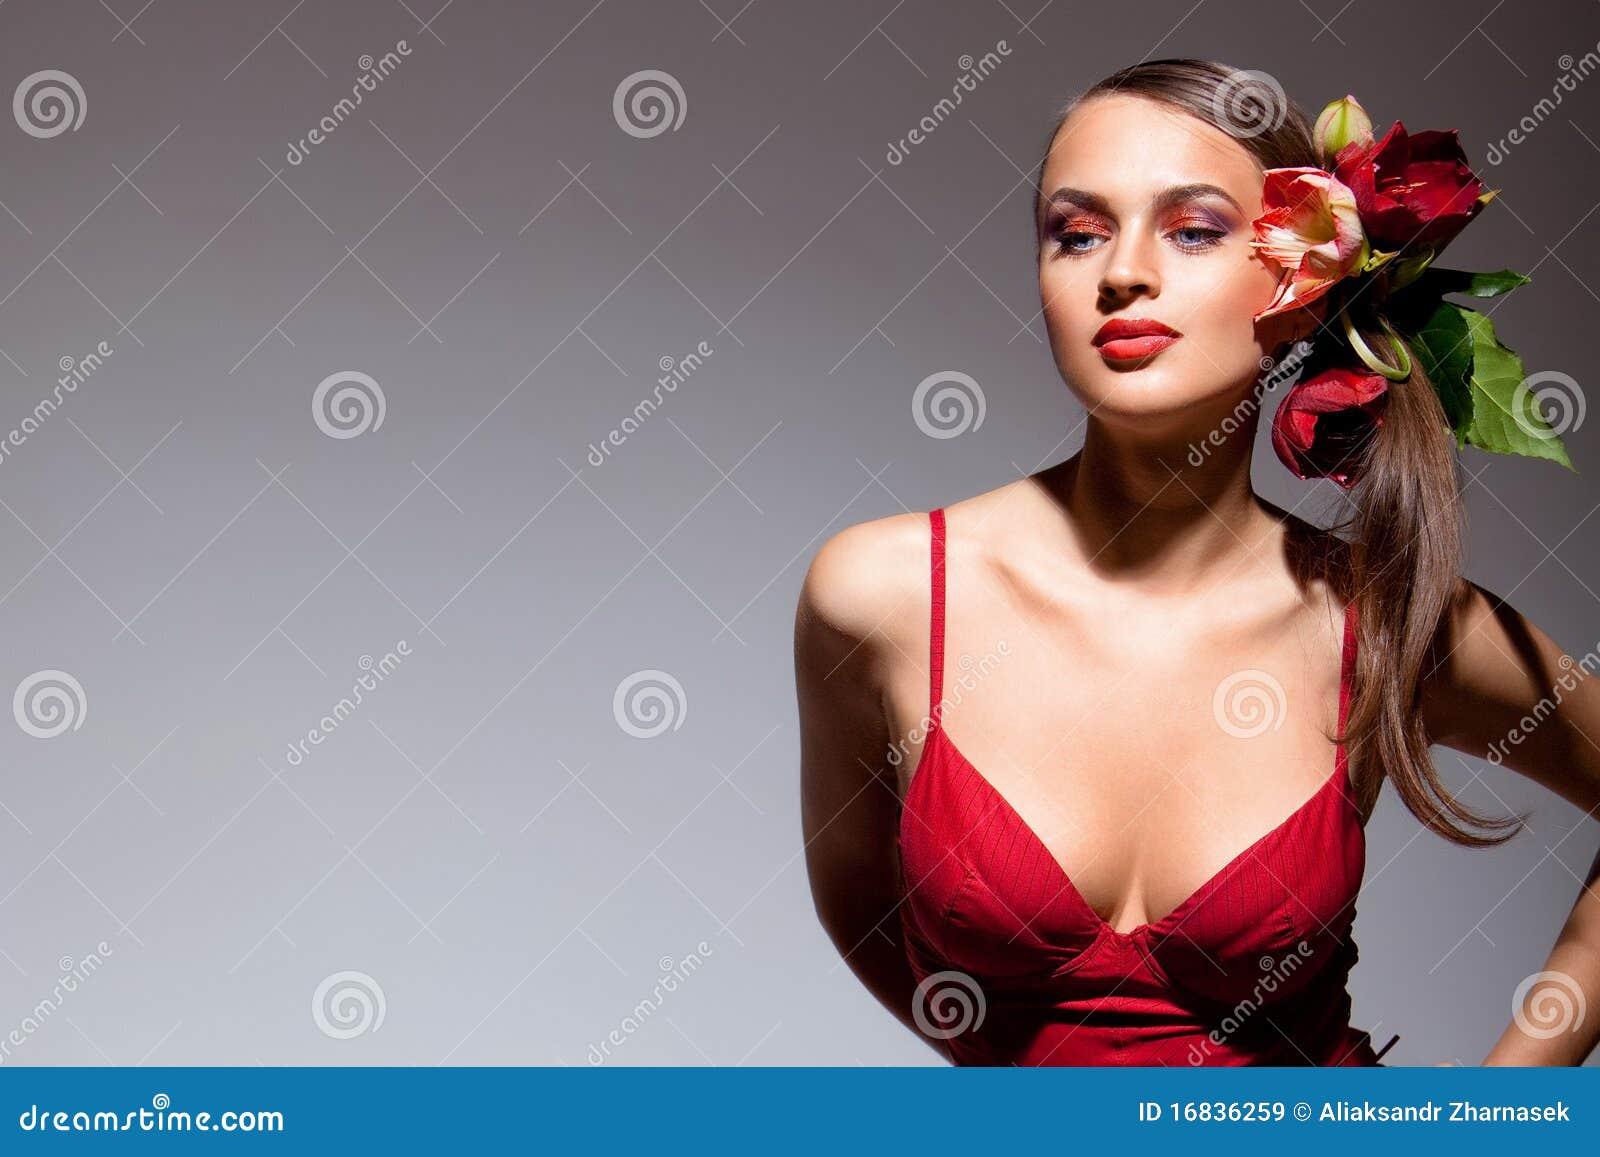 礼服女花童头发性她的红色